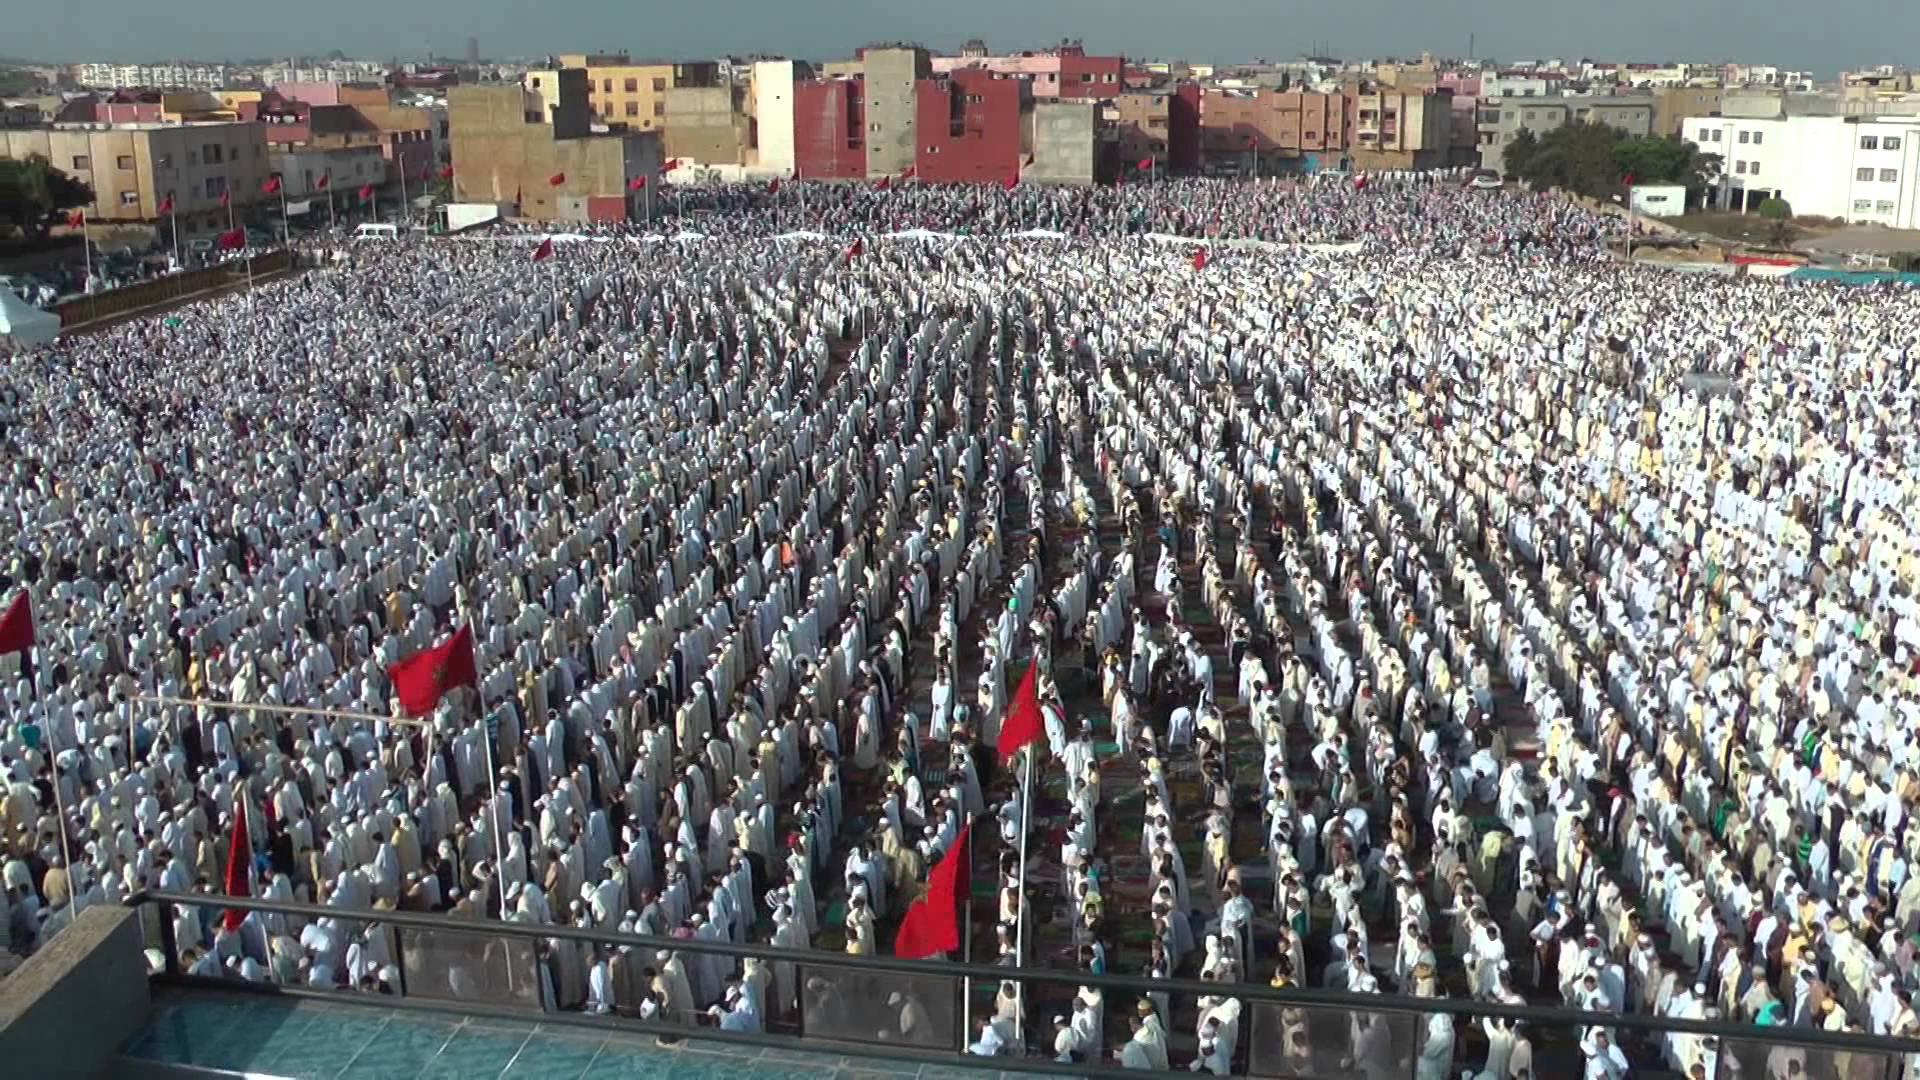 عاجل.. هذا ما قررته وزارة الأوقاف والشؤون الإسلامية بخصوص صلاة عيد الفطر